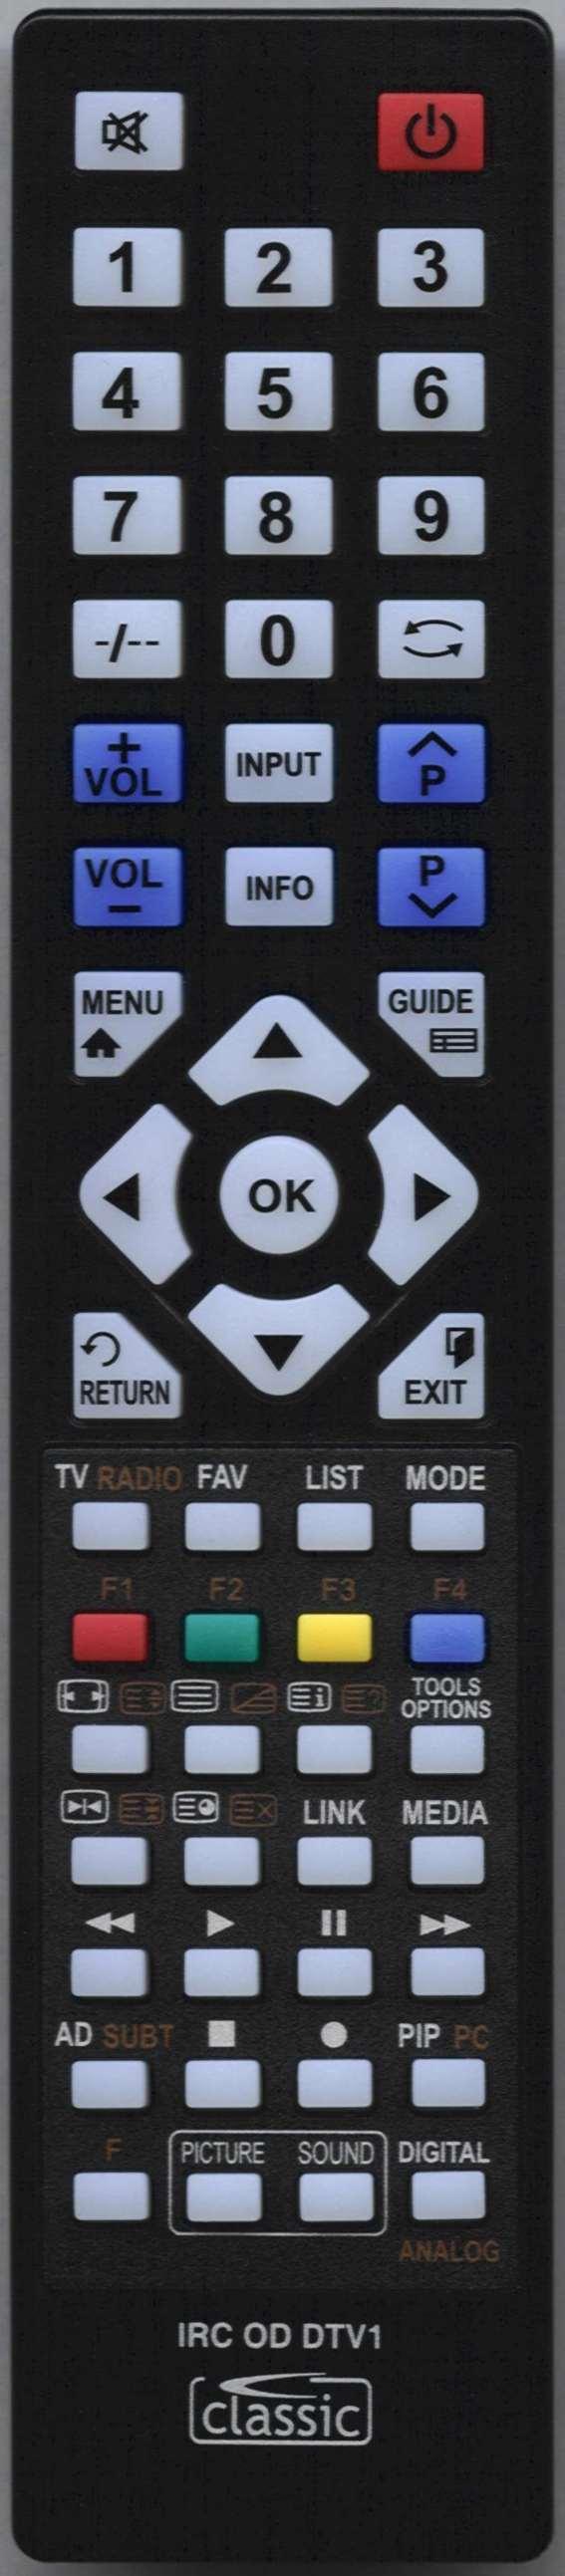 CELLO C32224F-LED Remote Control